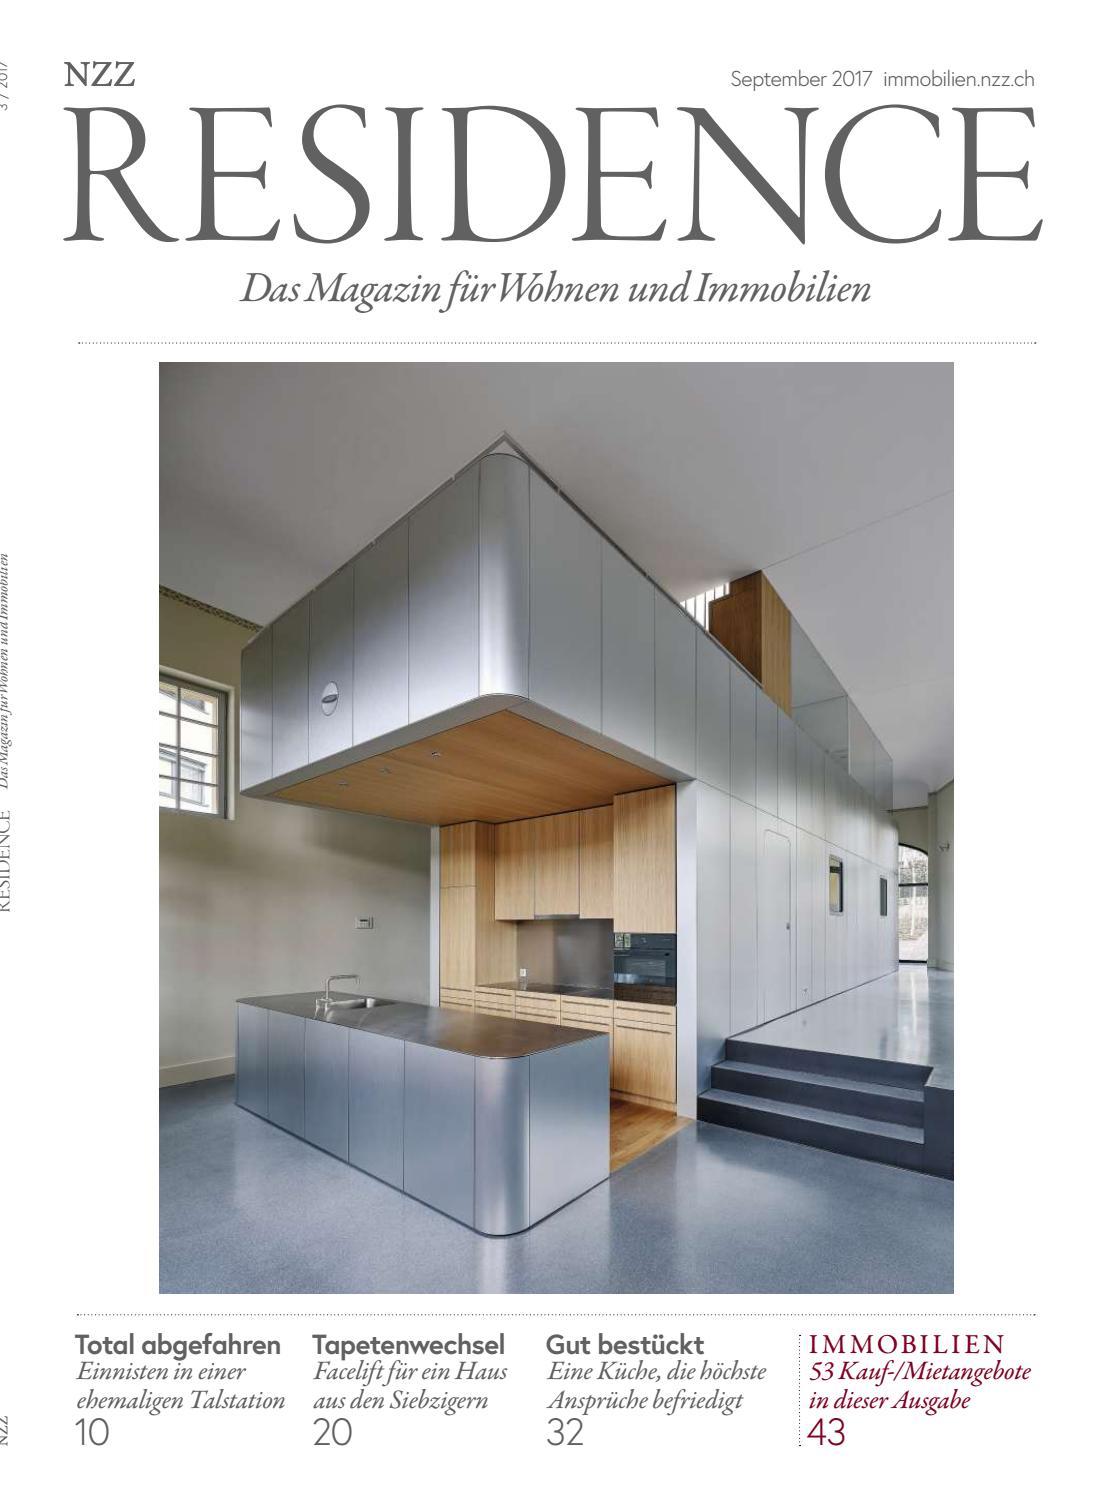 NZZ Residence September 2017 by NZZ Residence - issuu